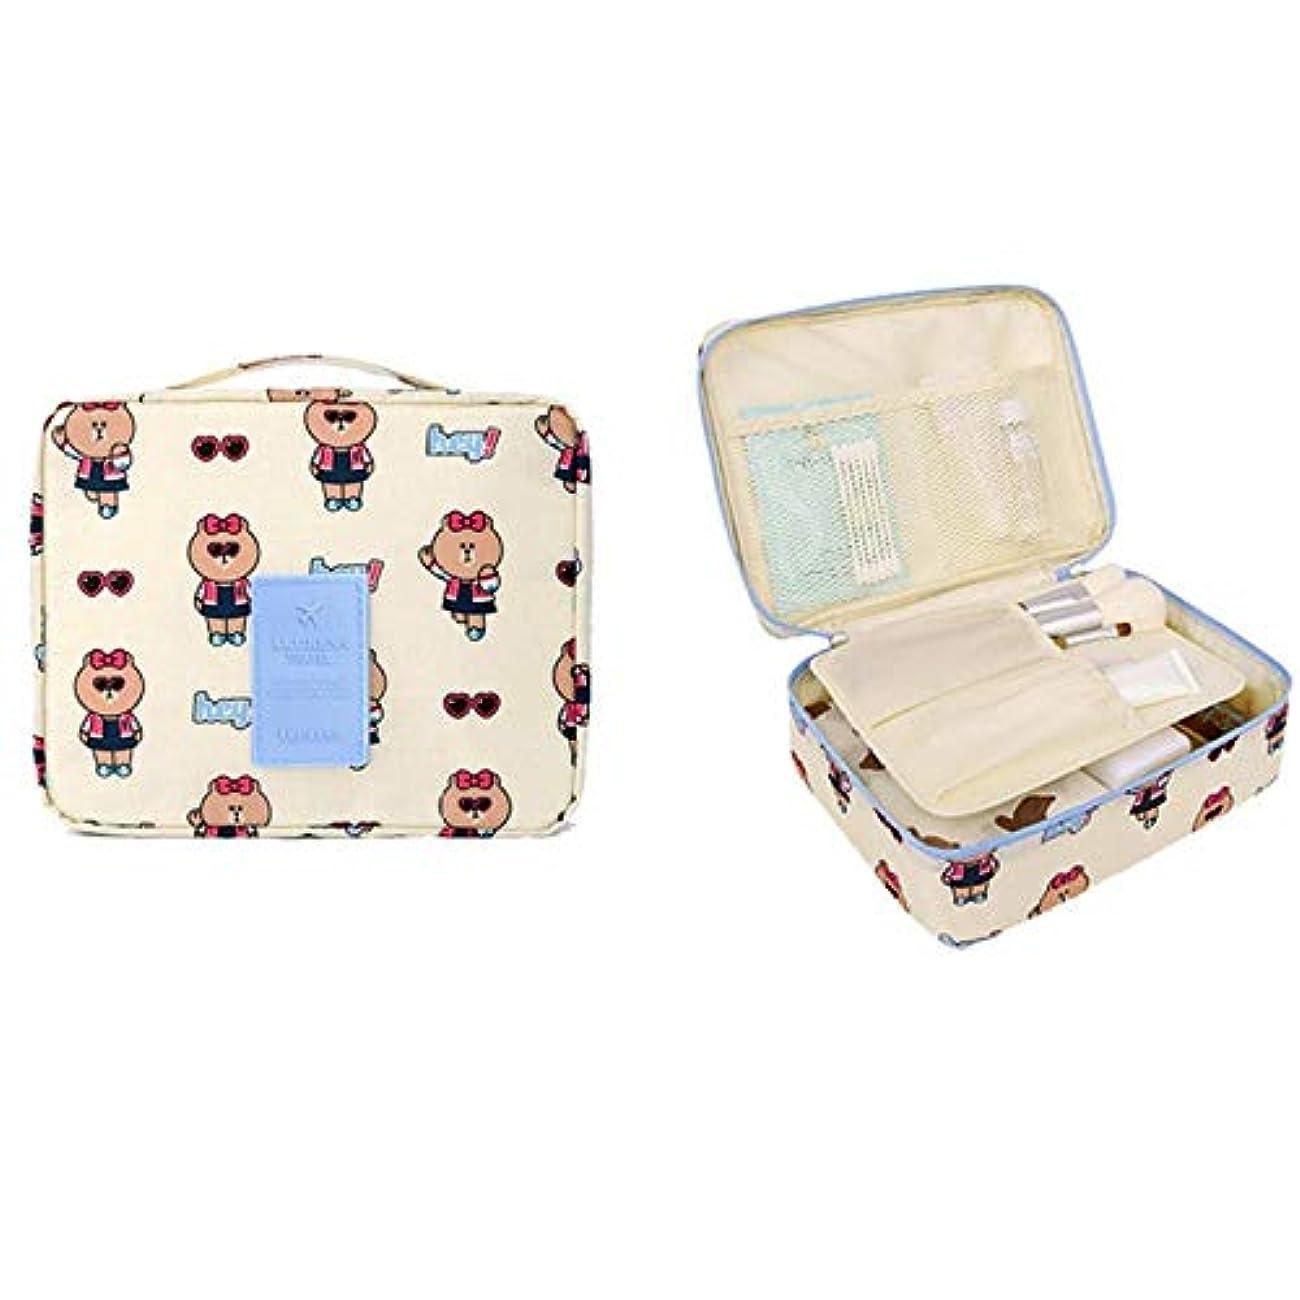 担保敵意大脳多機能旅行収納バッグ_漫画ブラウン熊化粧バッグ多機能旅行収納バッグ携帯型男性女性女性防水, ベージュ色